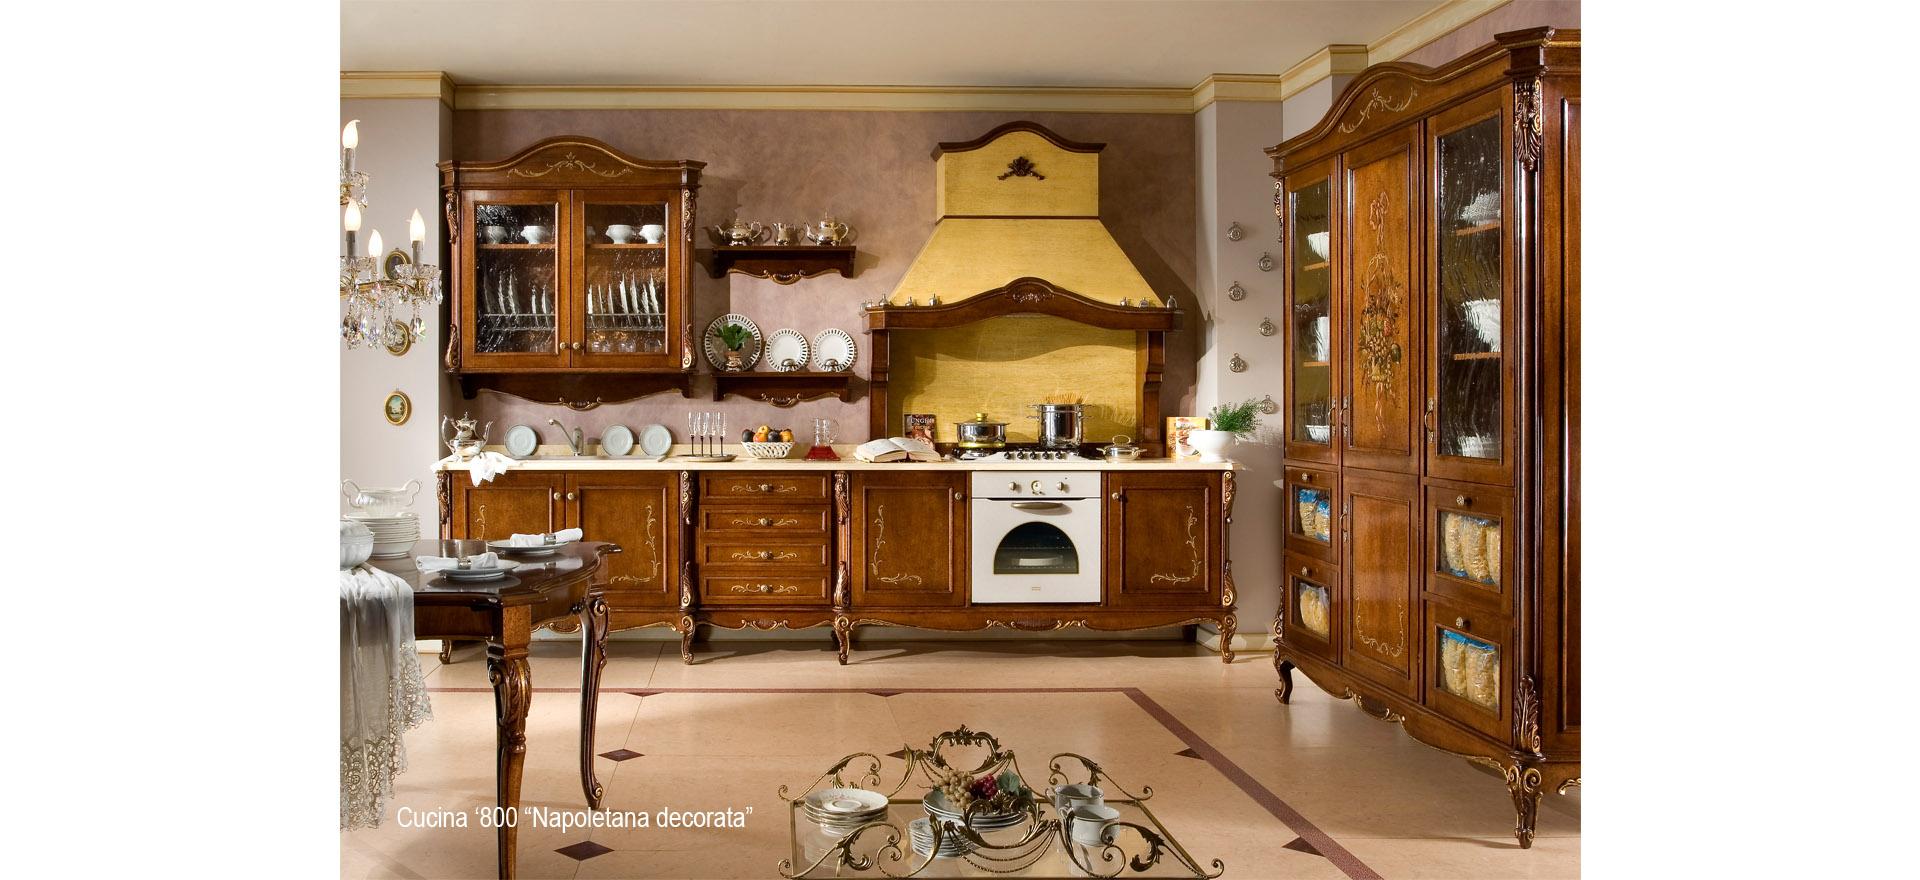 art-cucina-napoletana-decorata1